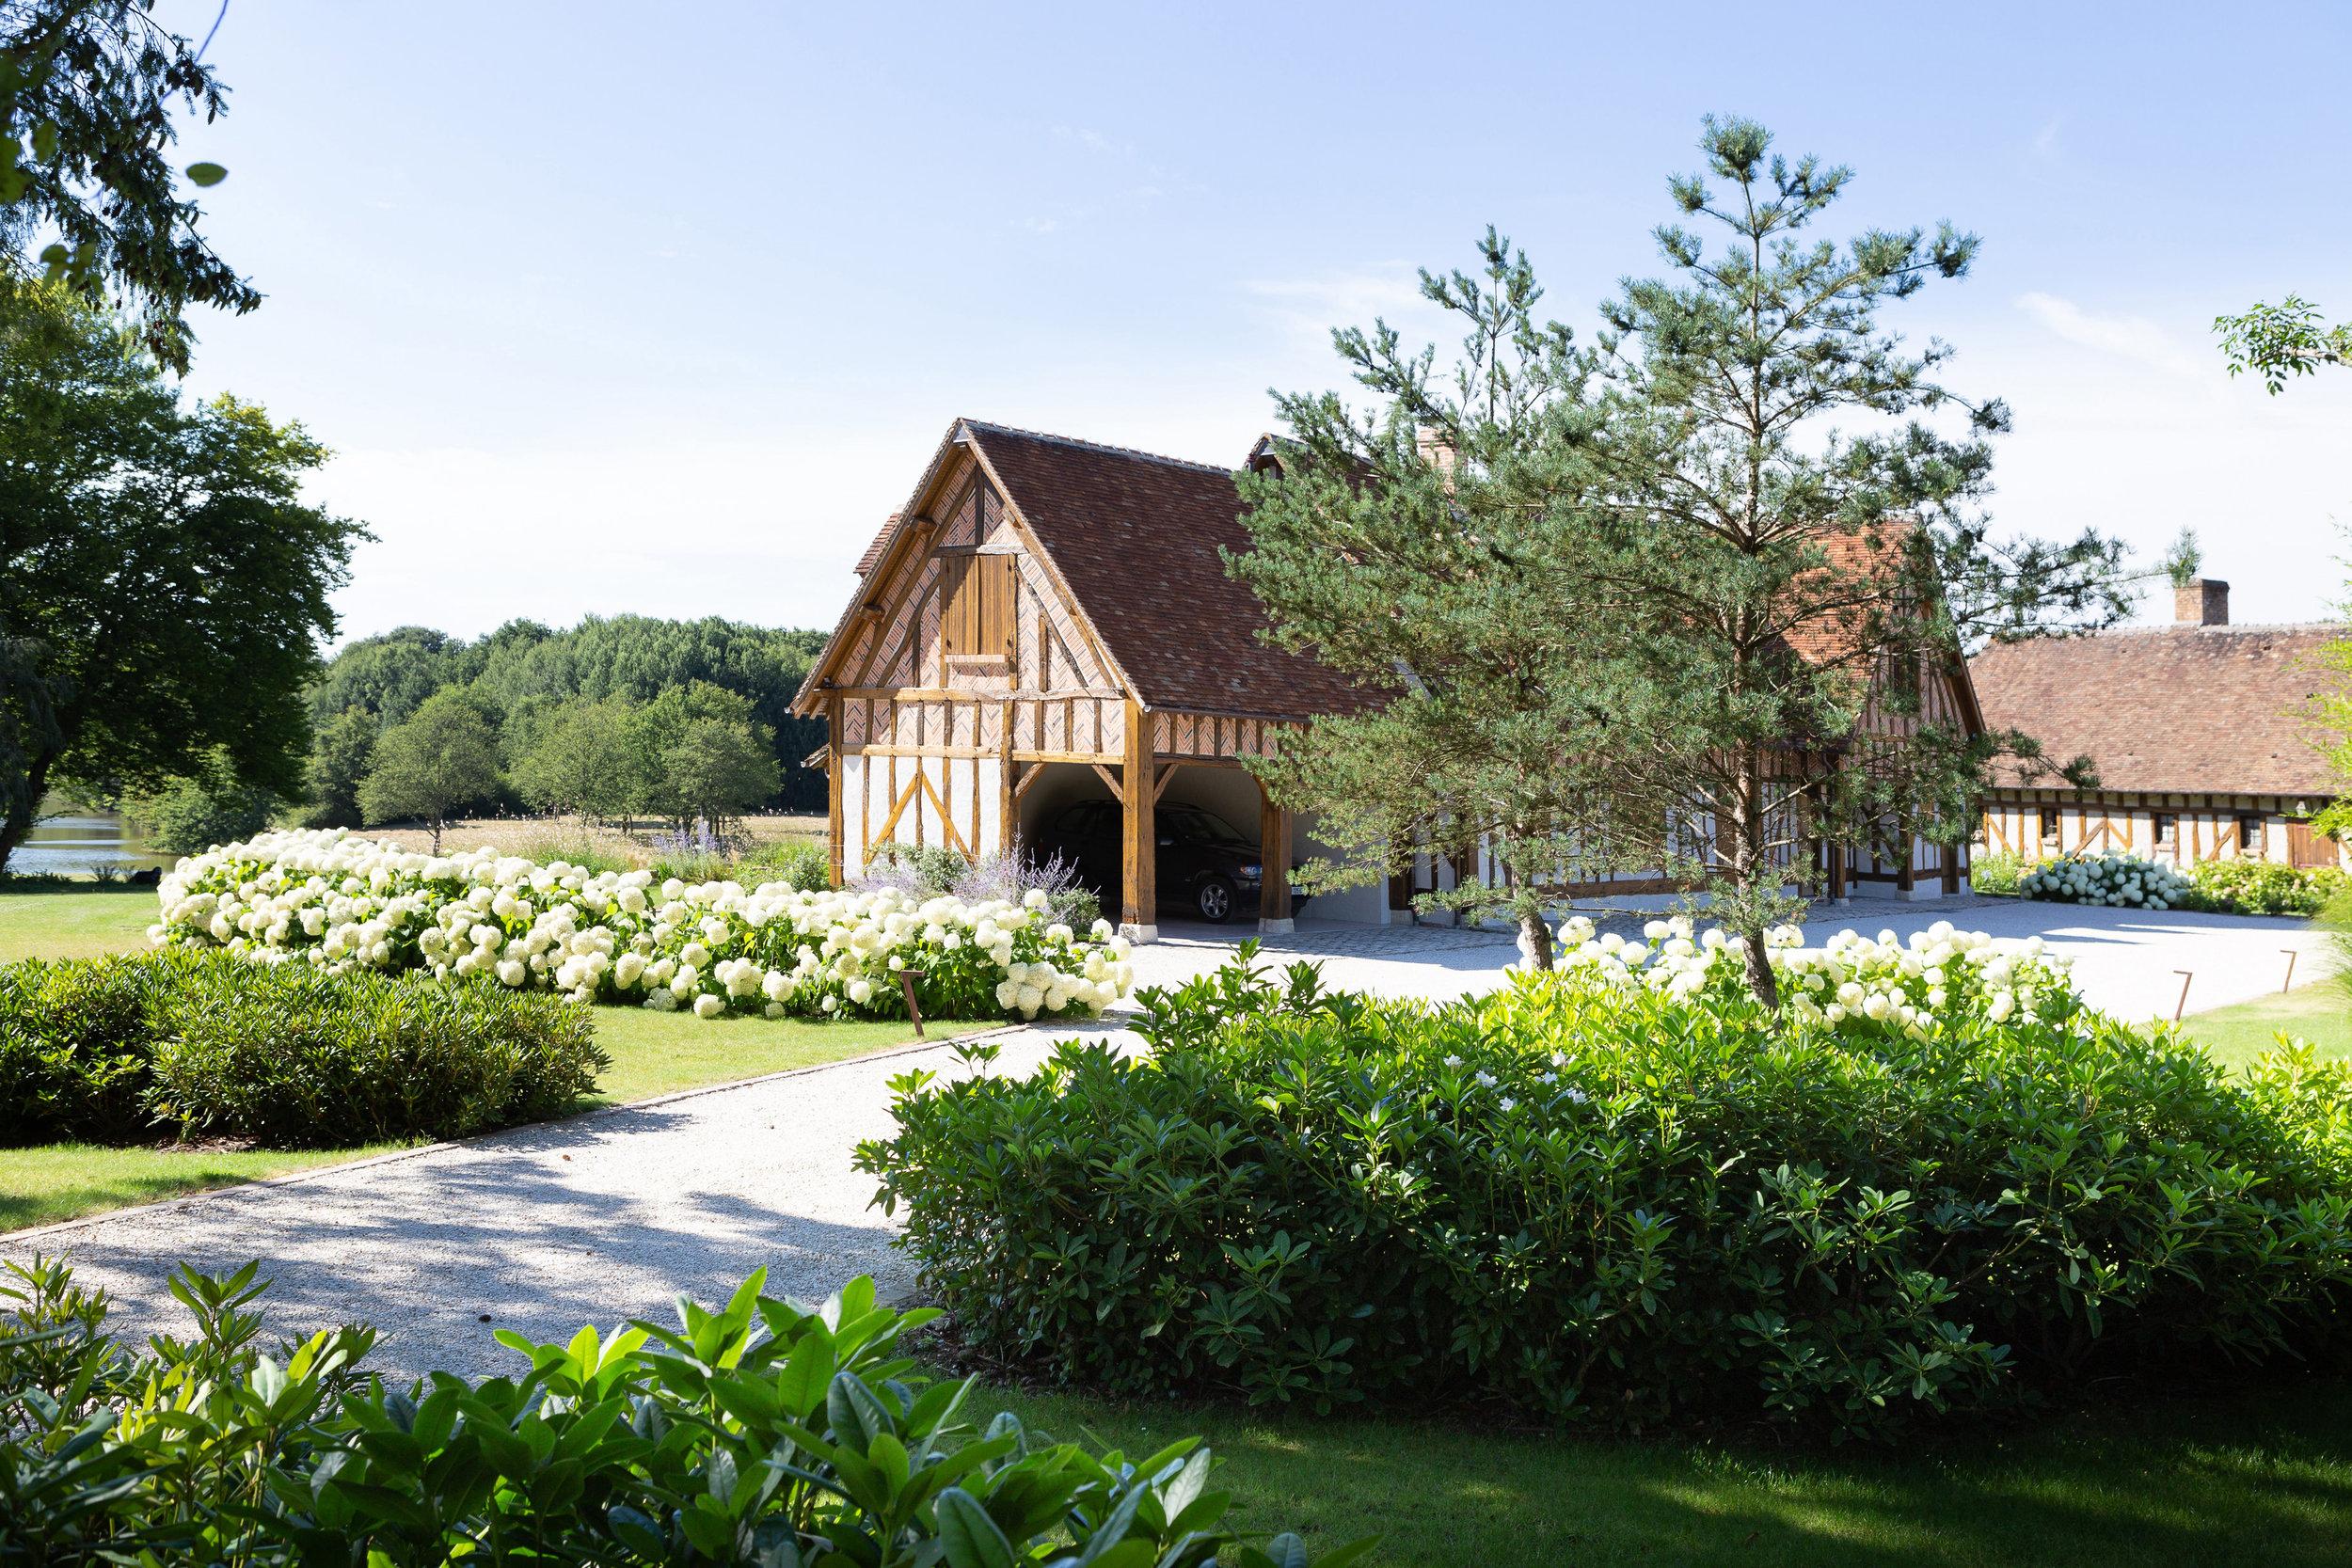 vouzon_private_garden_terraces_gardens_christophe_gautrand_landscape_outdoor_designer_10.jpg